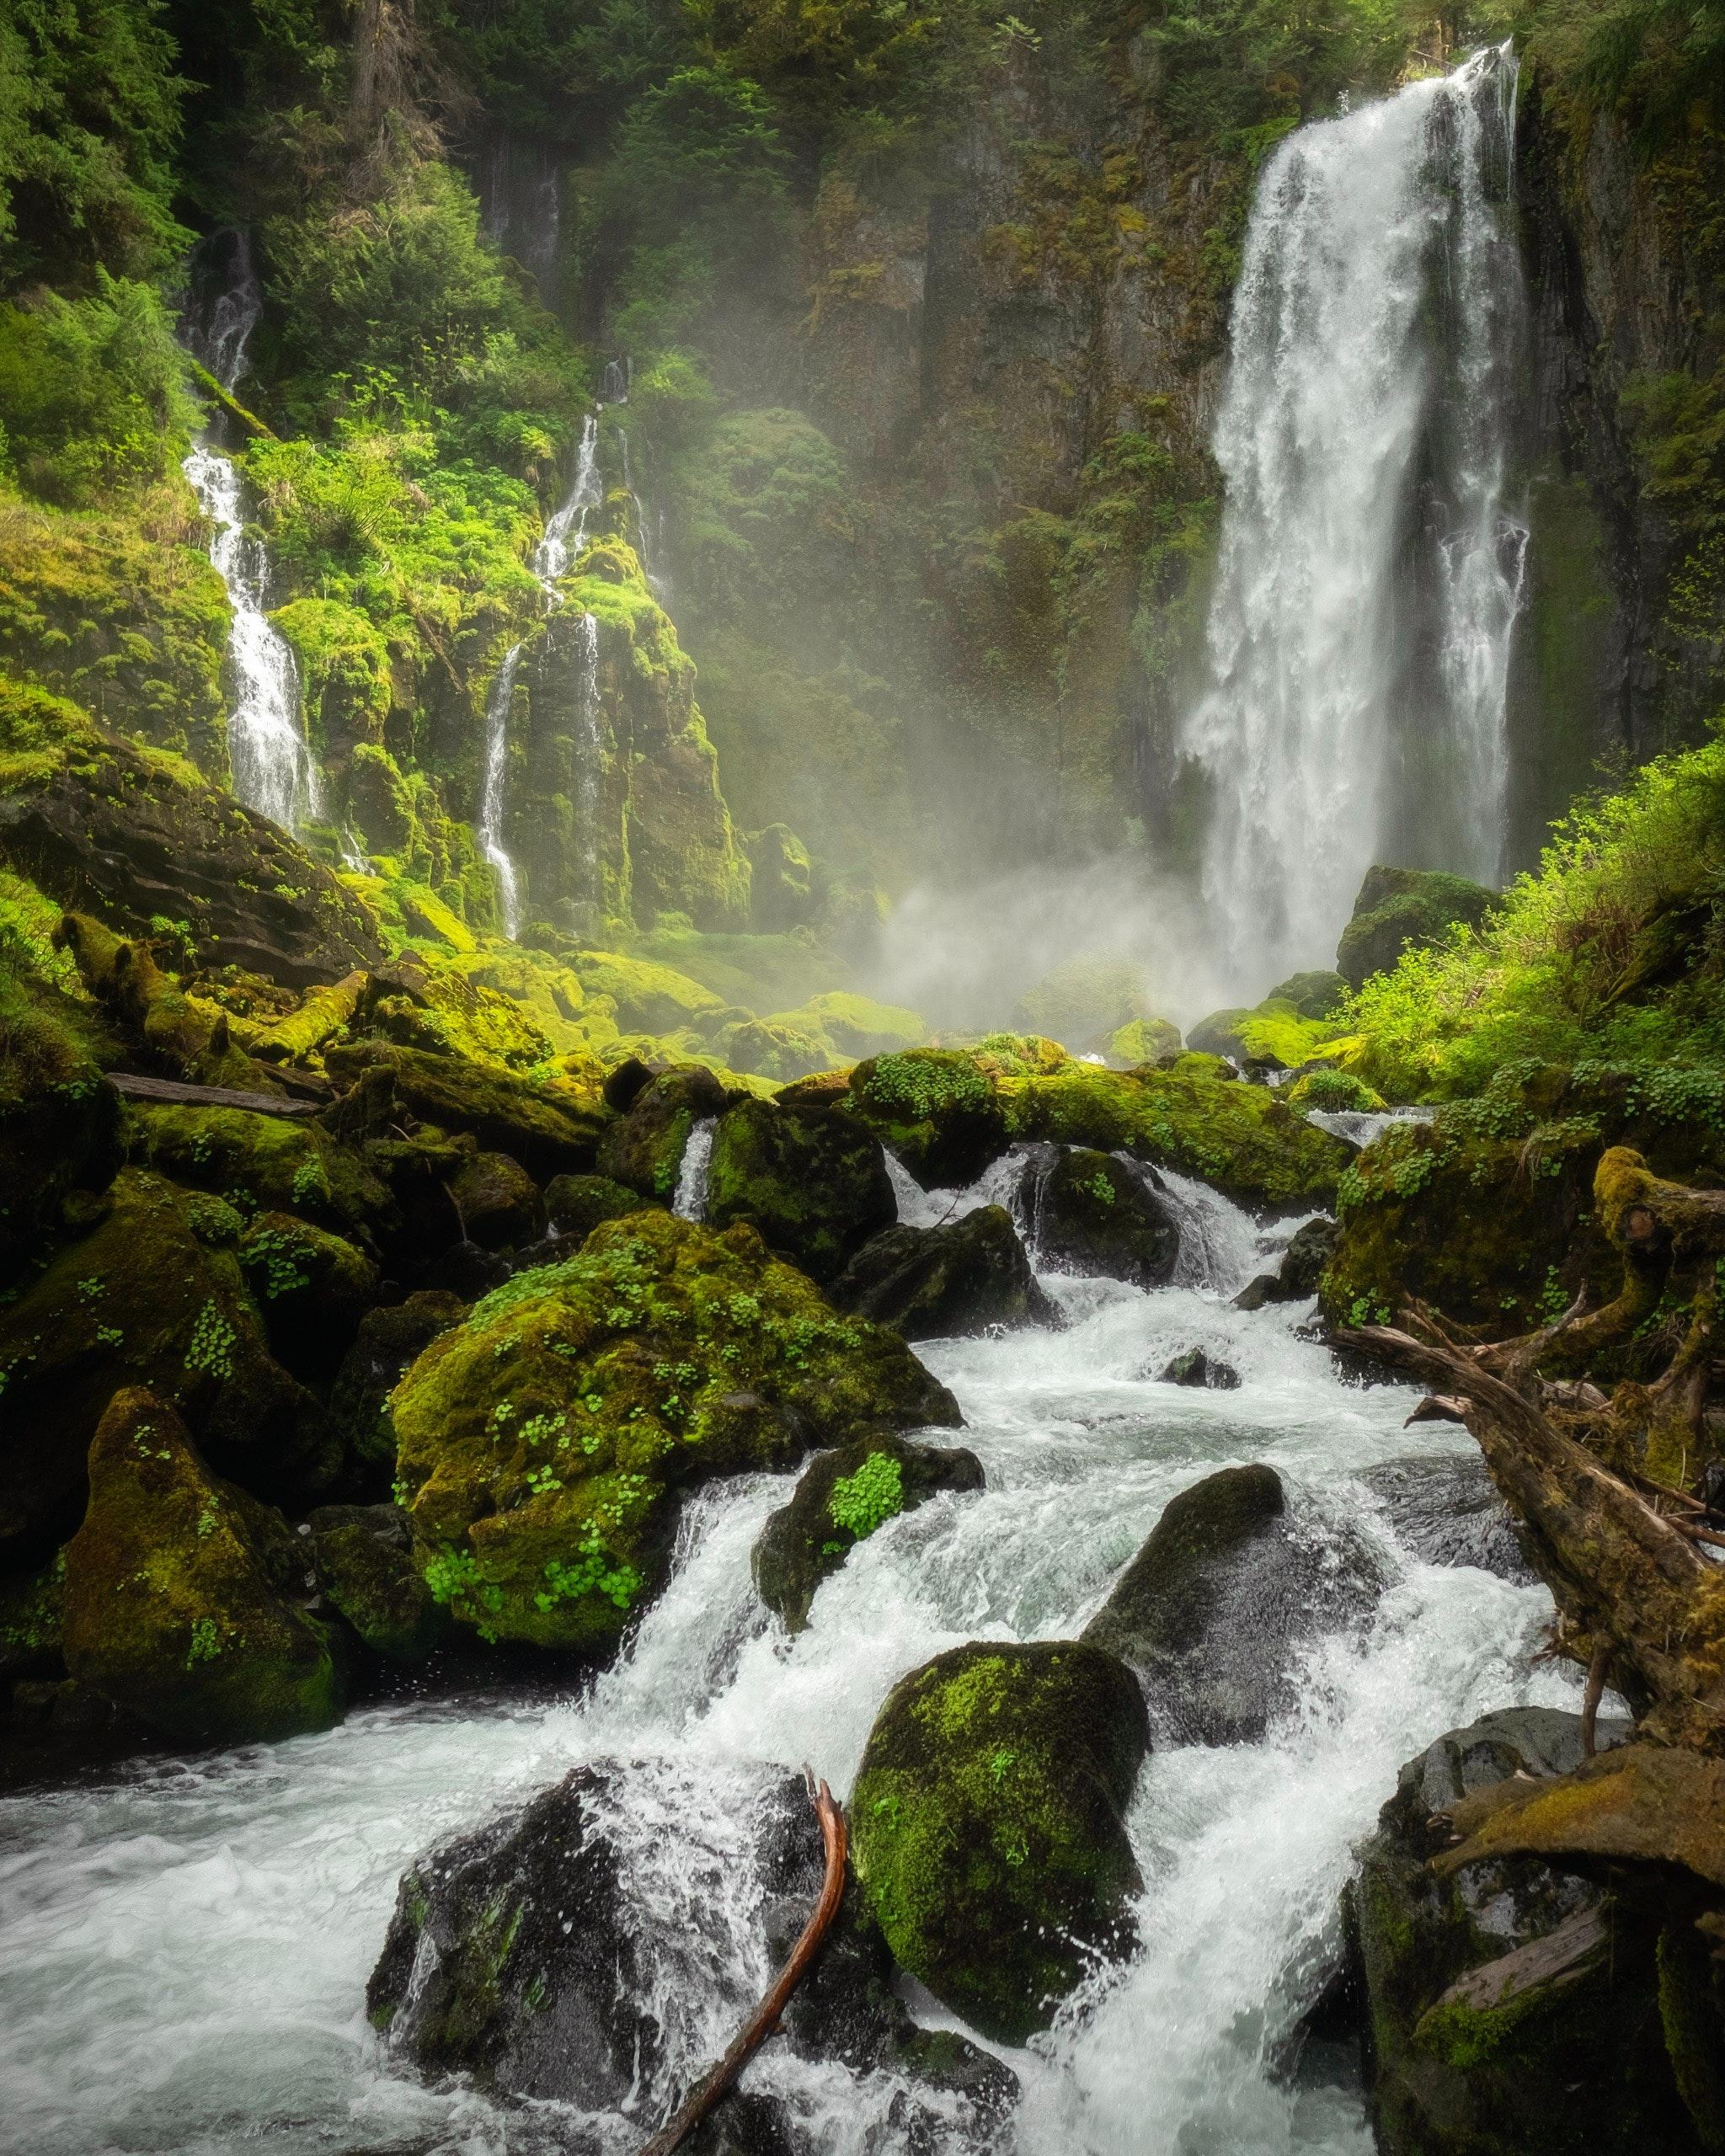 Fotografia Com Lapso De Tempo De Uma Cachoeira Fluente · Foto profissional gratuita